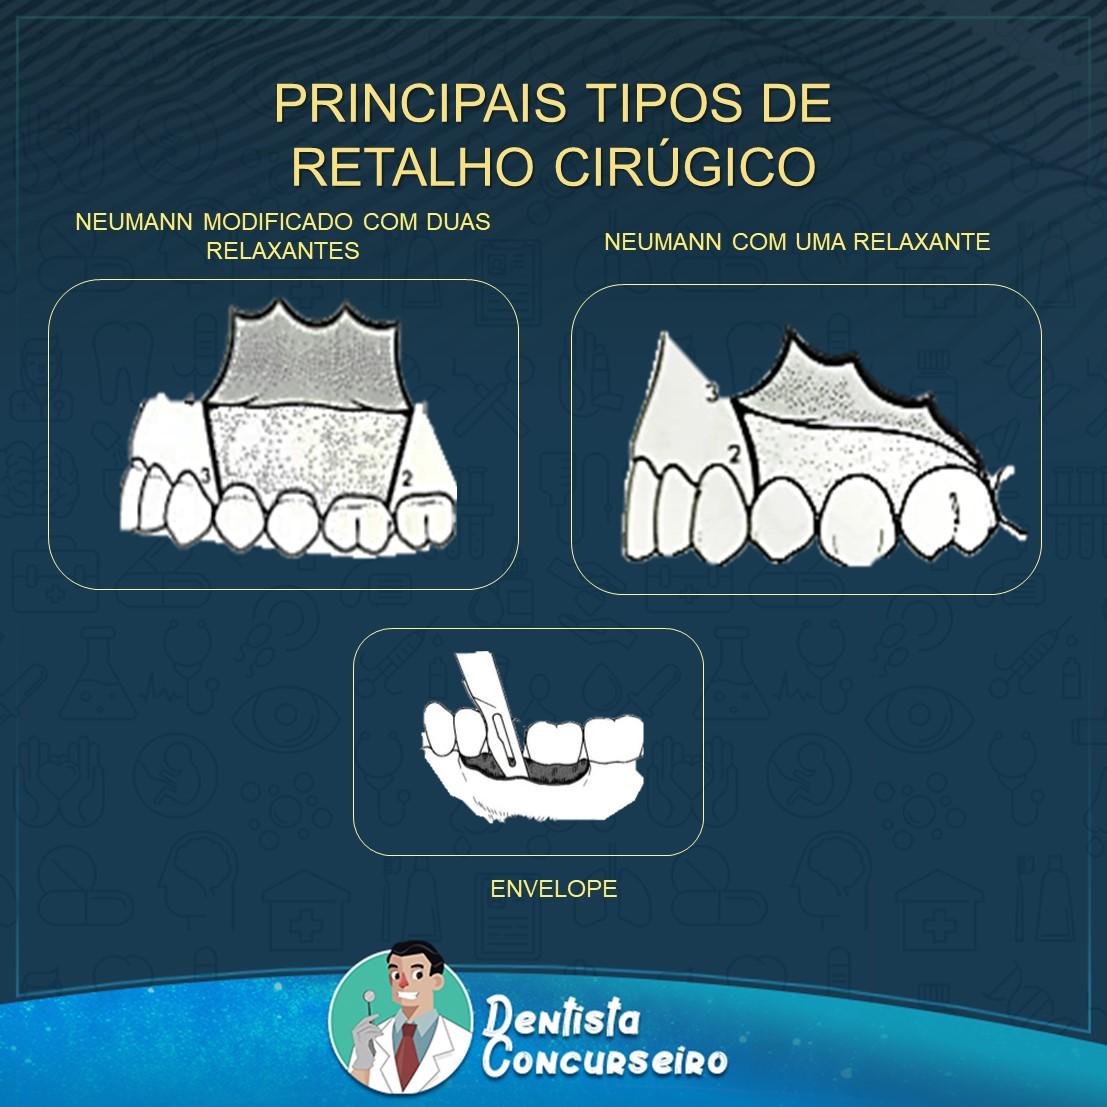 Resumo de Retalhos Cirúrgicos | Odontologia